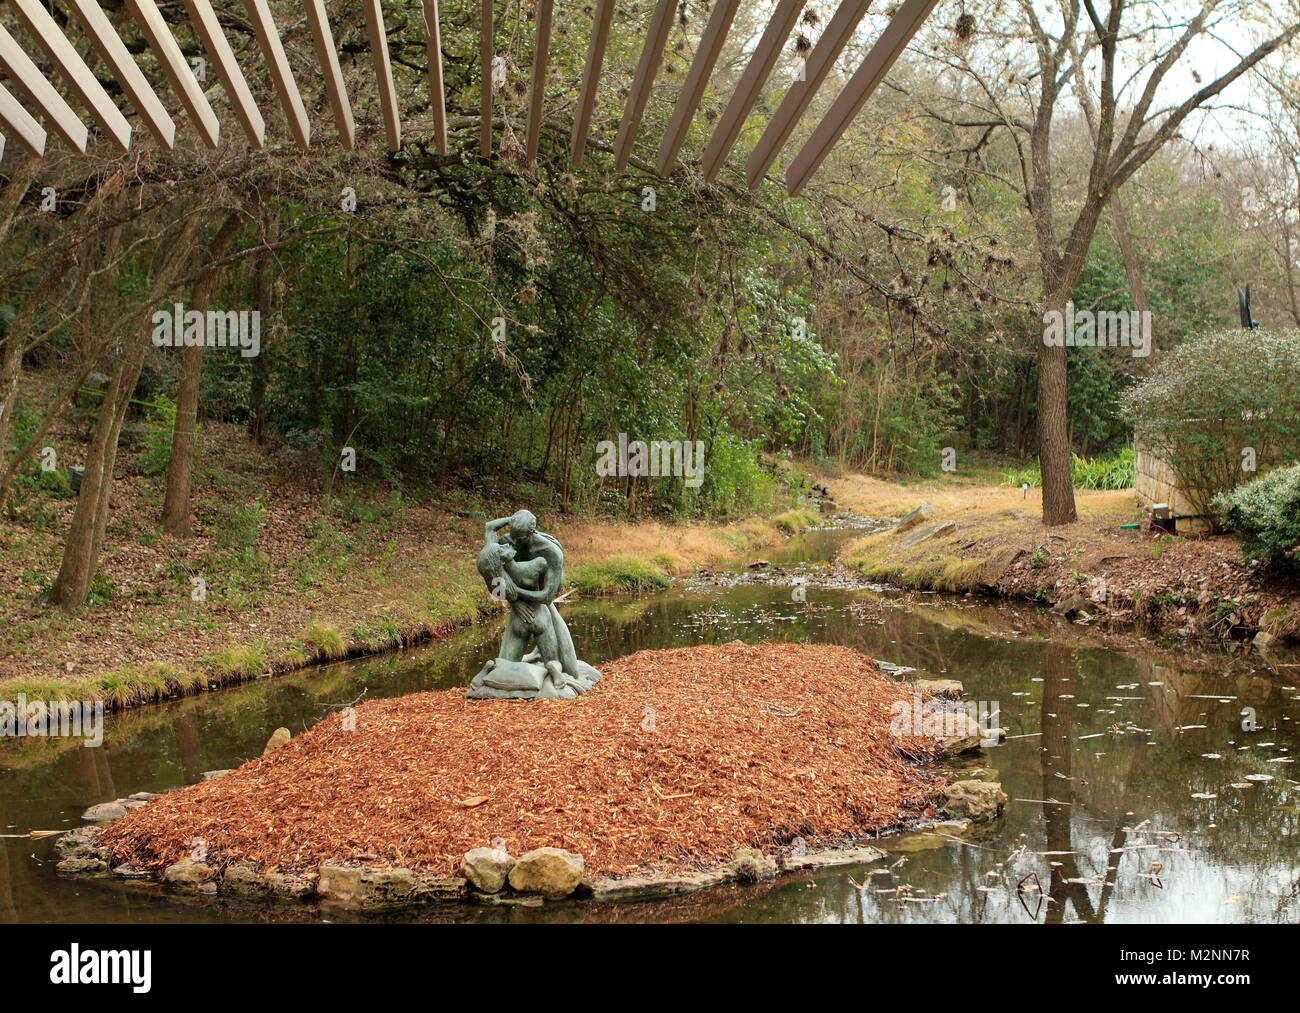 Austin, Texas - February 19, 2011: Umlauf Sculpture Garden and ...